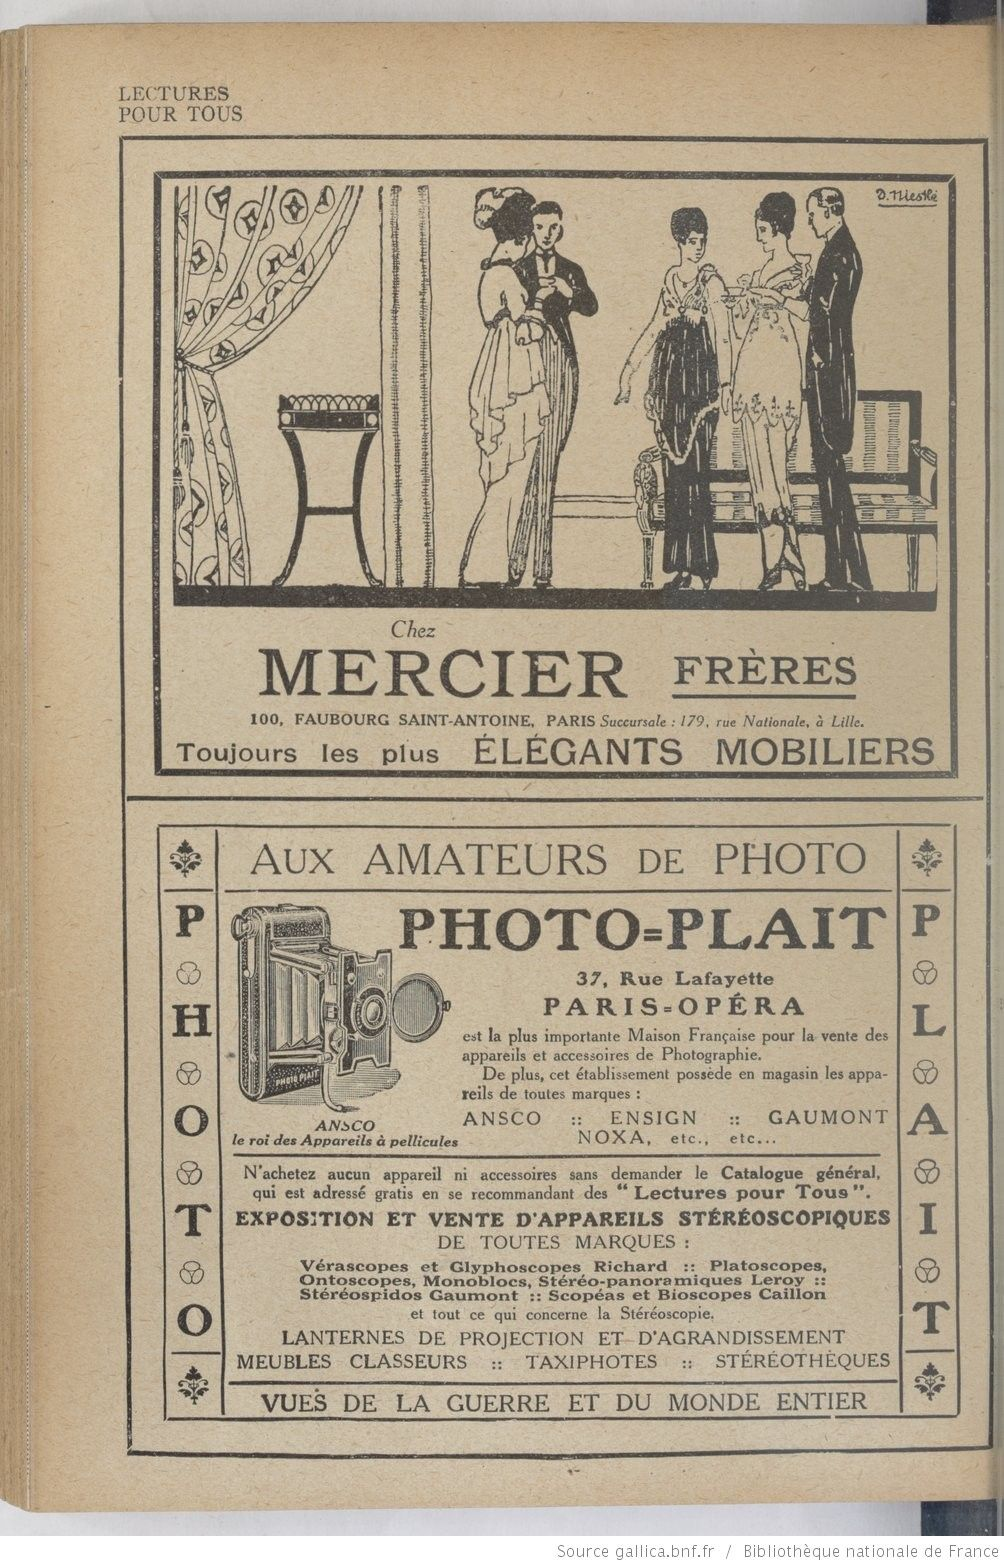 Lectures pour tous : revue universelle et populaire illustrée | 1920-02-01 | Gallica